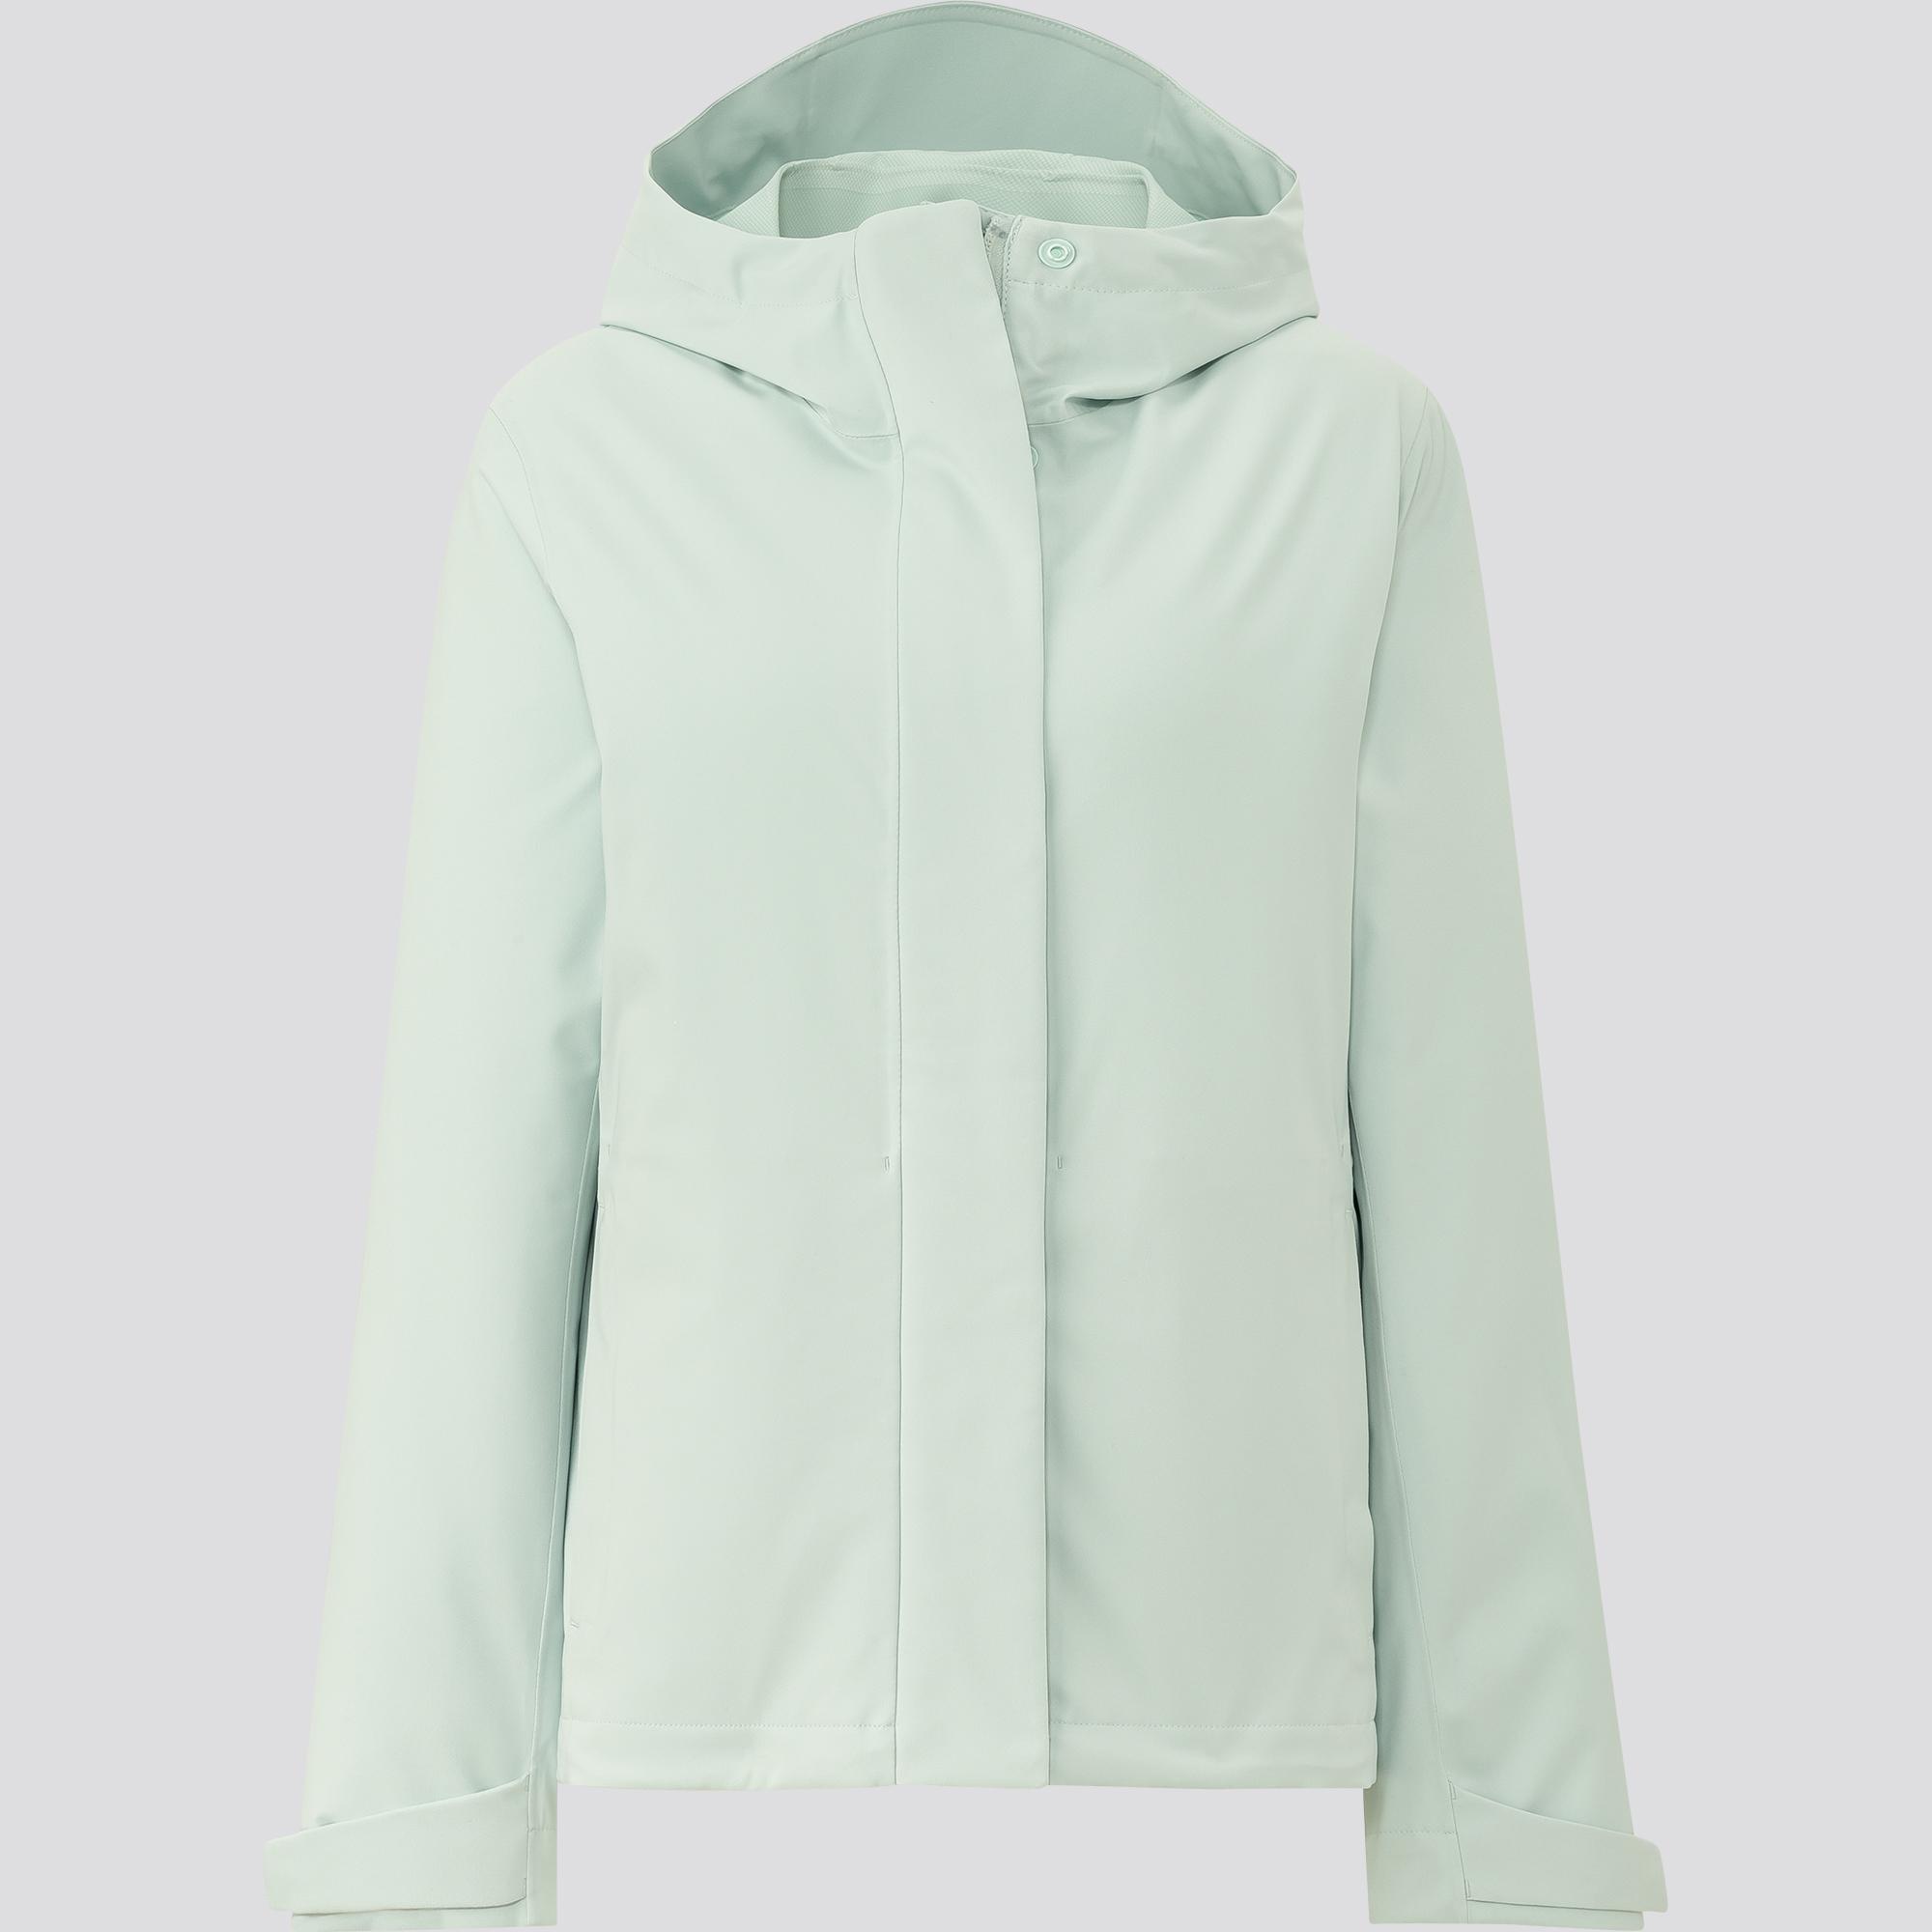 áo khoác parka blocktech uniqlo màu xanh mint chống tia uv